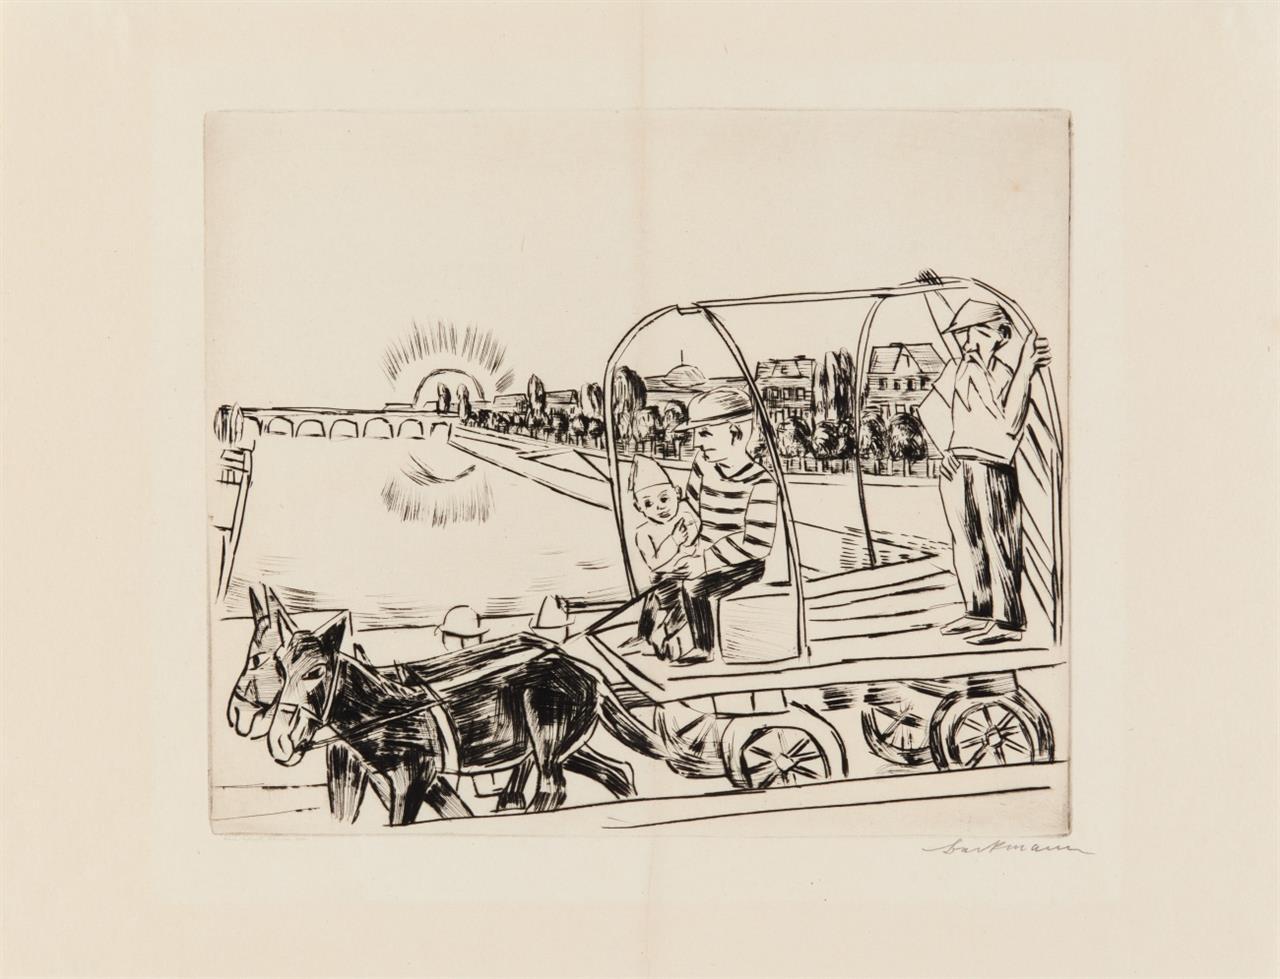 Max Beckmann. Morgen. 1923. Kaltnadelradierung. Signiert. Hofmaier  299 B a.